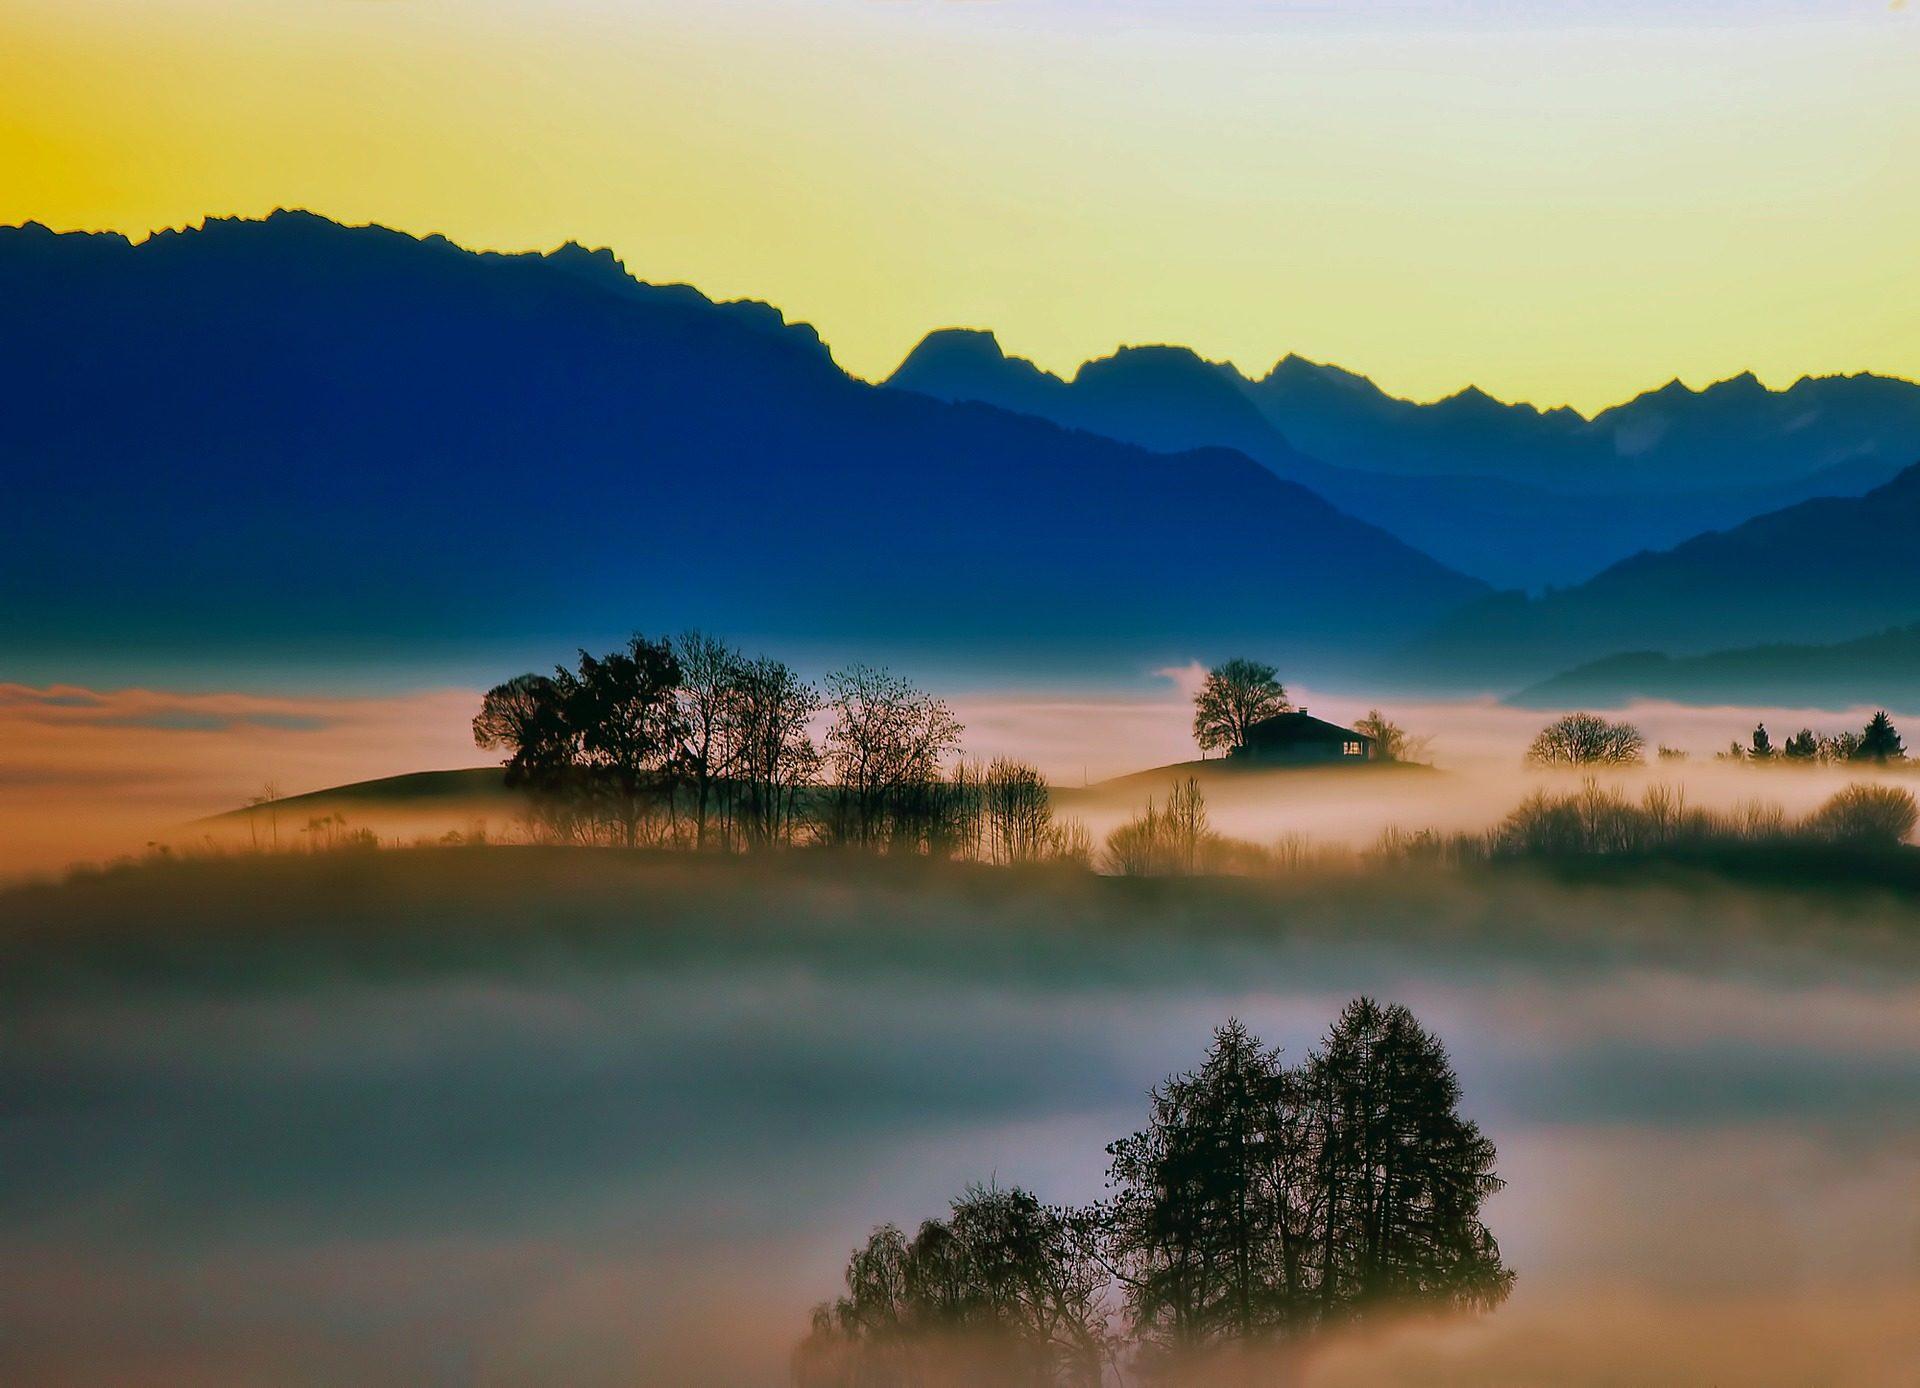 夜明け, 霧, モンタナス, 水分, 木, シルエット - HD の壁紙 - 教授-falken.com